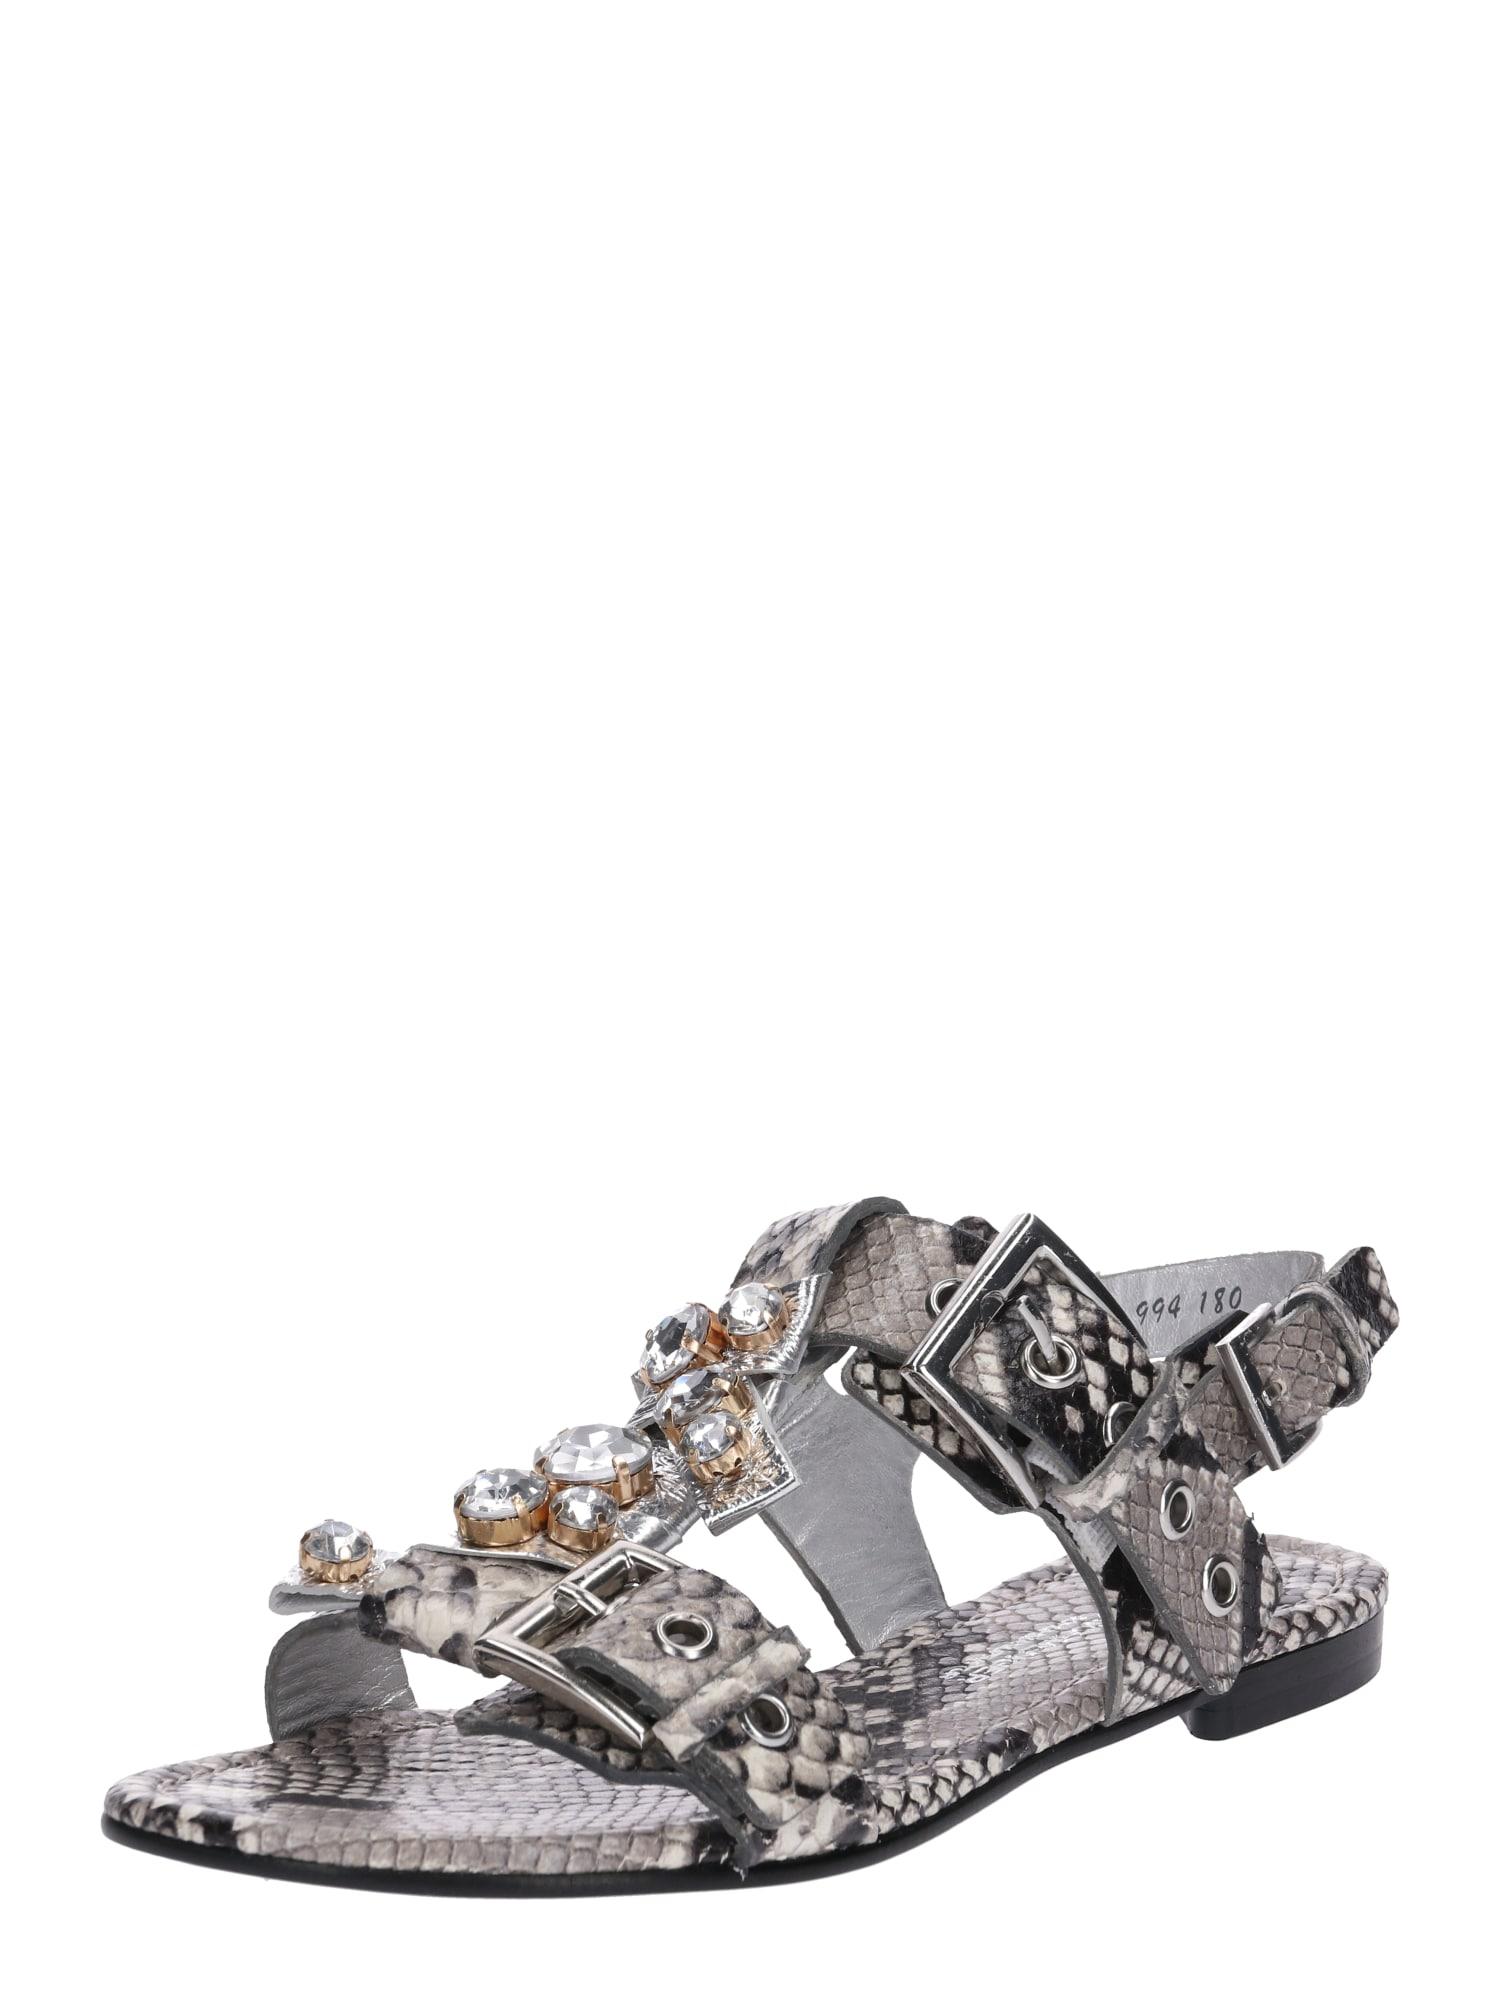 Sandály Elle šedá stříbrná Kennel & Schmenger